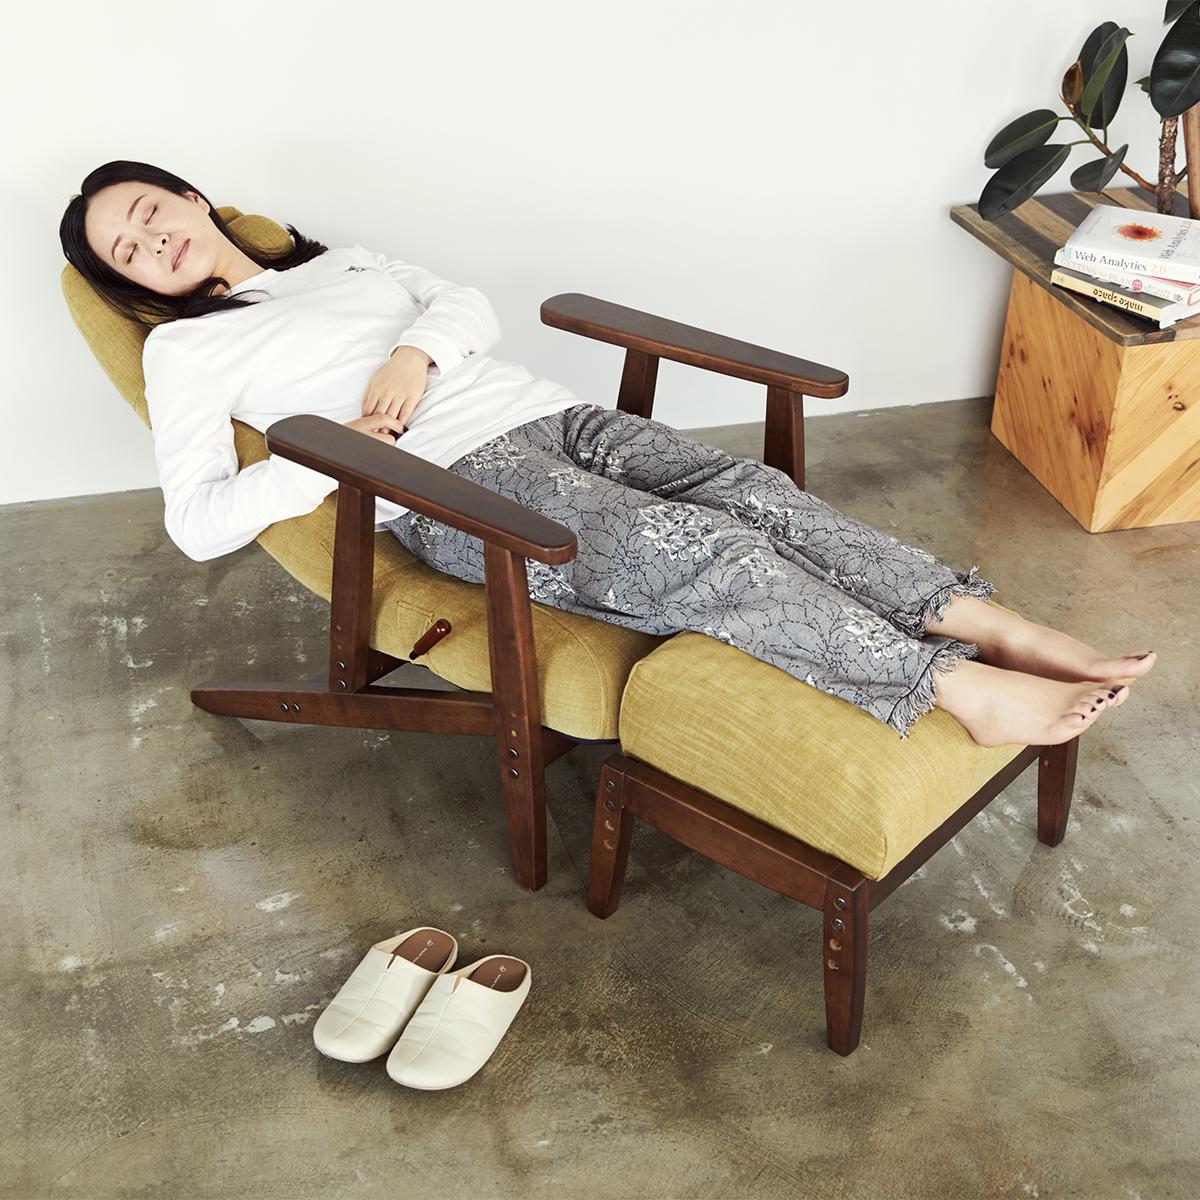 作業療法士、野村寿子さんの採型技術と、5000人の体型分析データからつくった立体形状が、私たちの体にフィット。寝椅子(リクライニングチェア)|P!nto